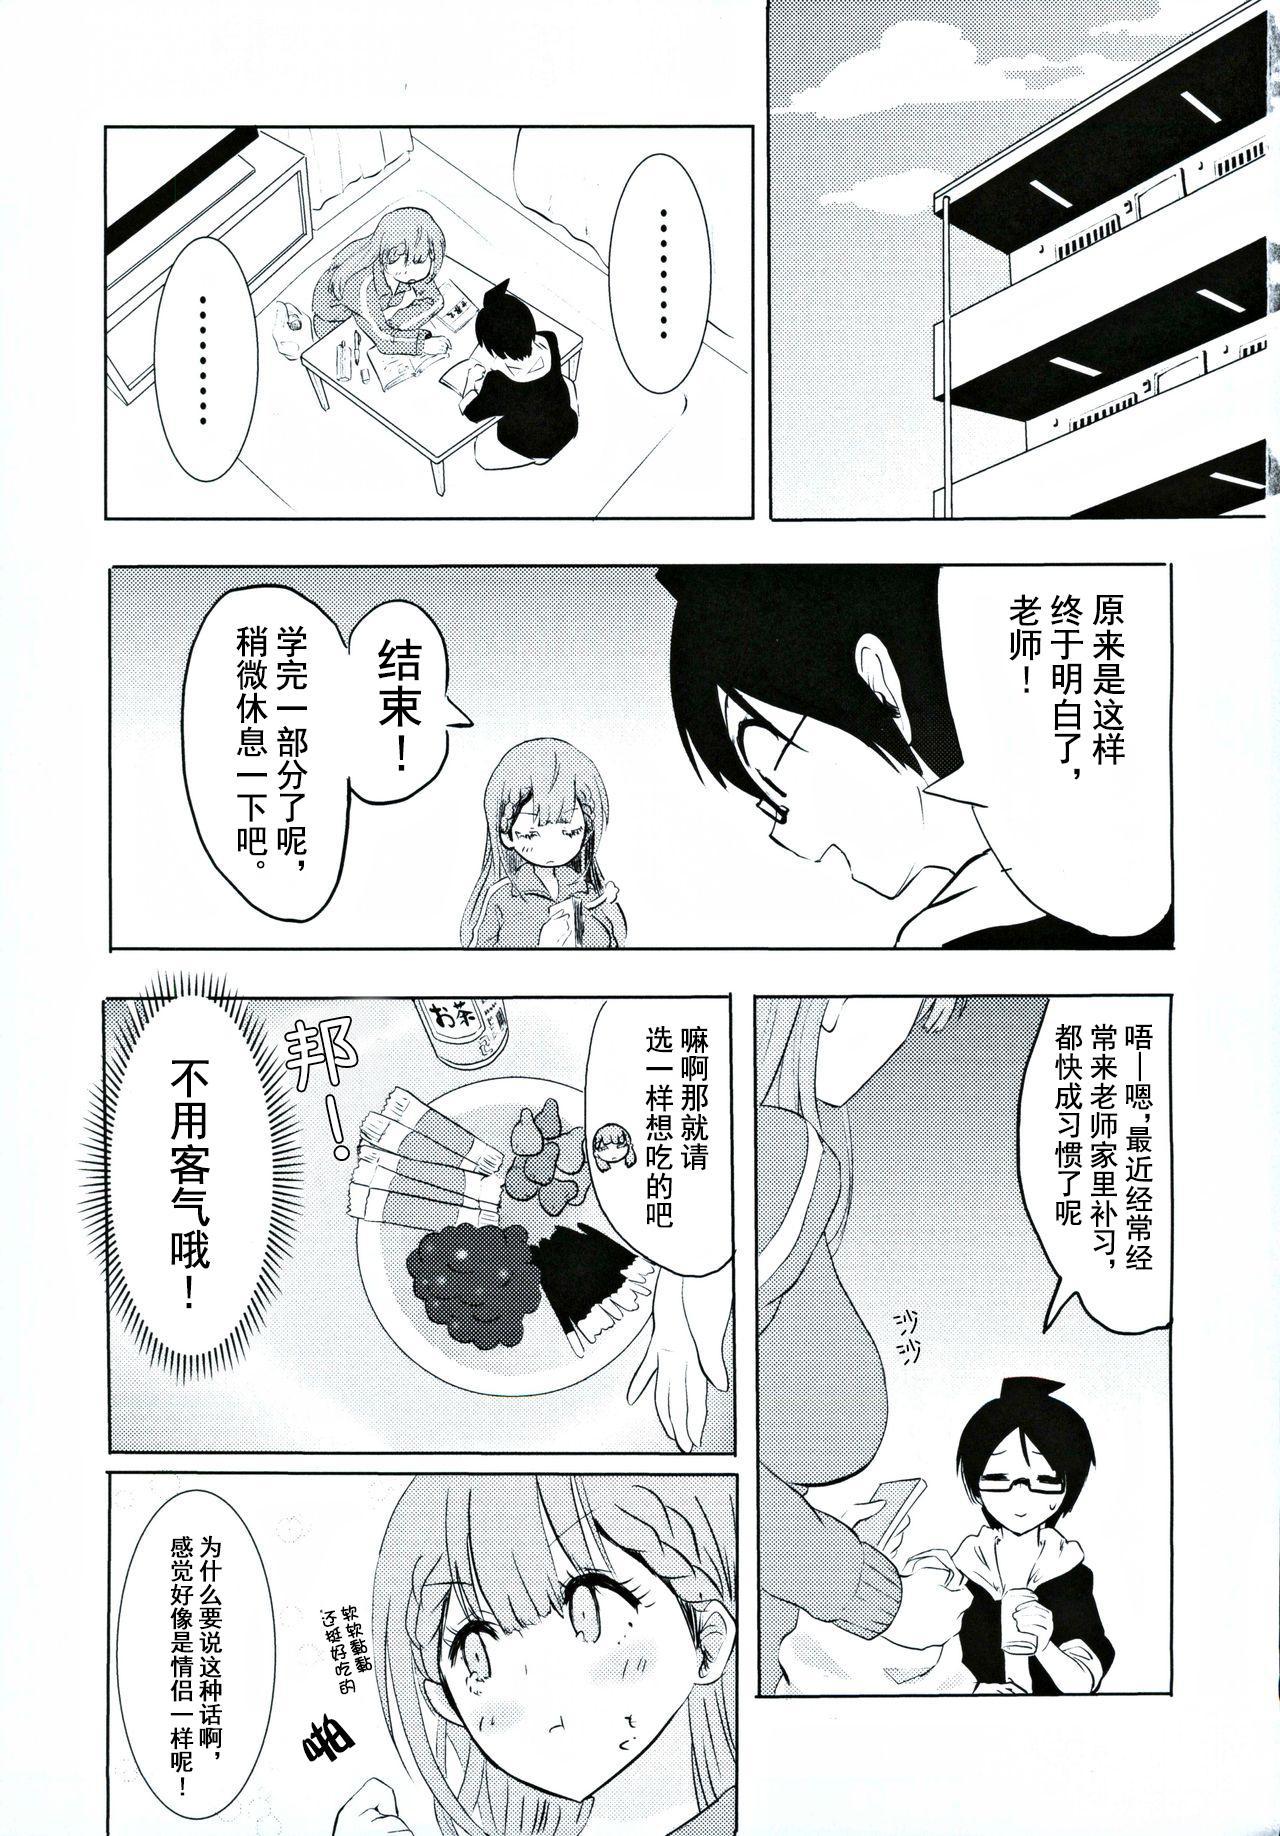 Mafuyu Sensei no Kyouiku 1